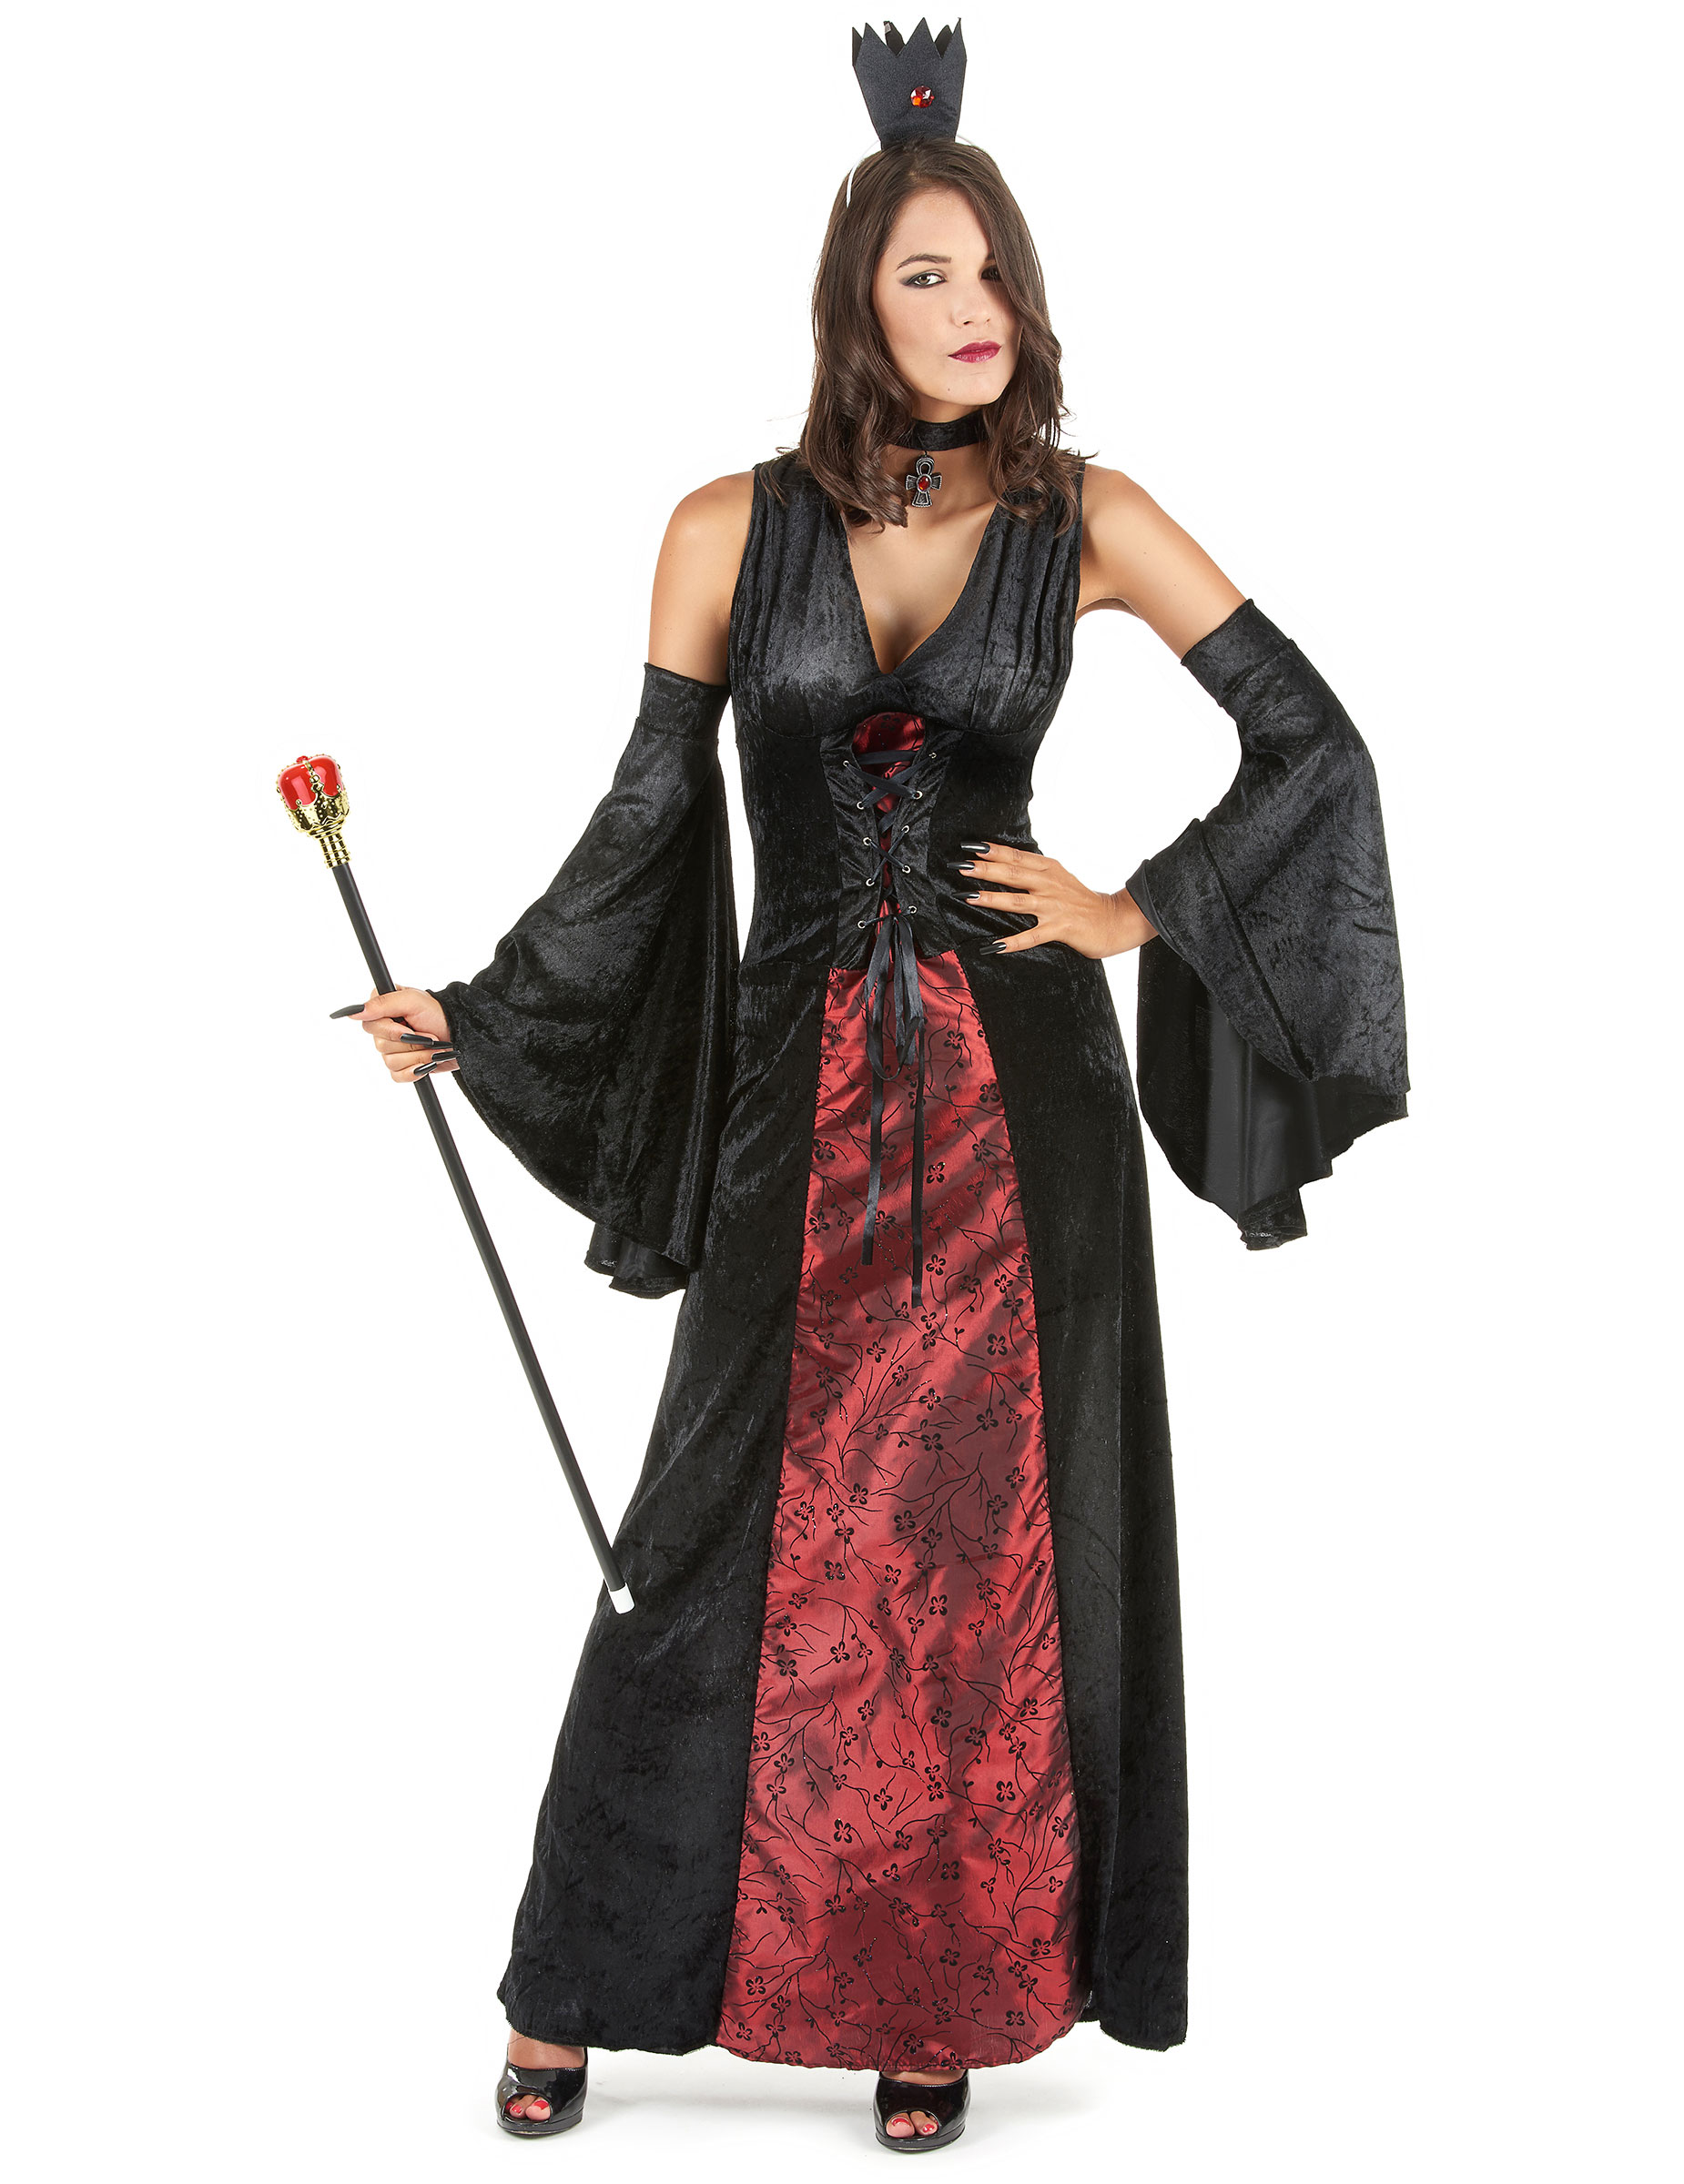 Favoriete Favoriete Vampier Kostuum Vrouw EZ47 | Belbin.Info @HR49